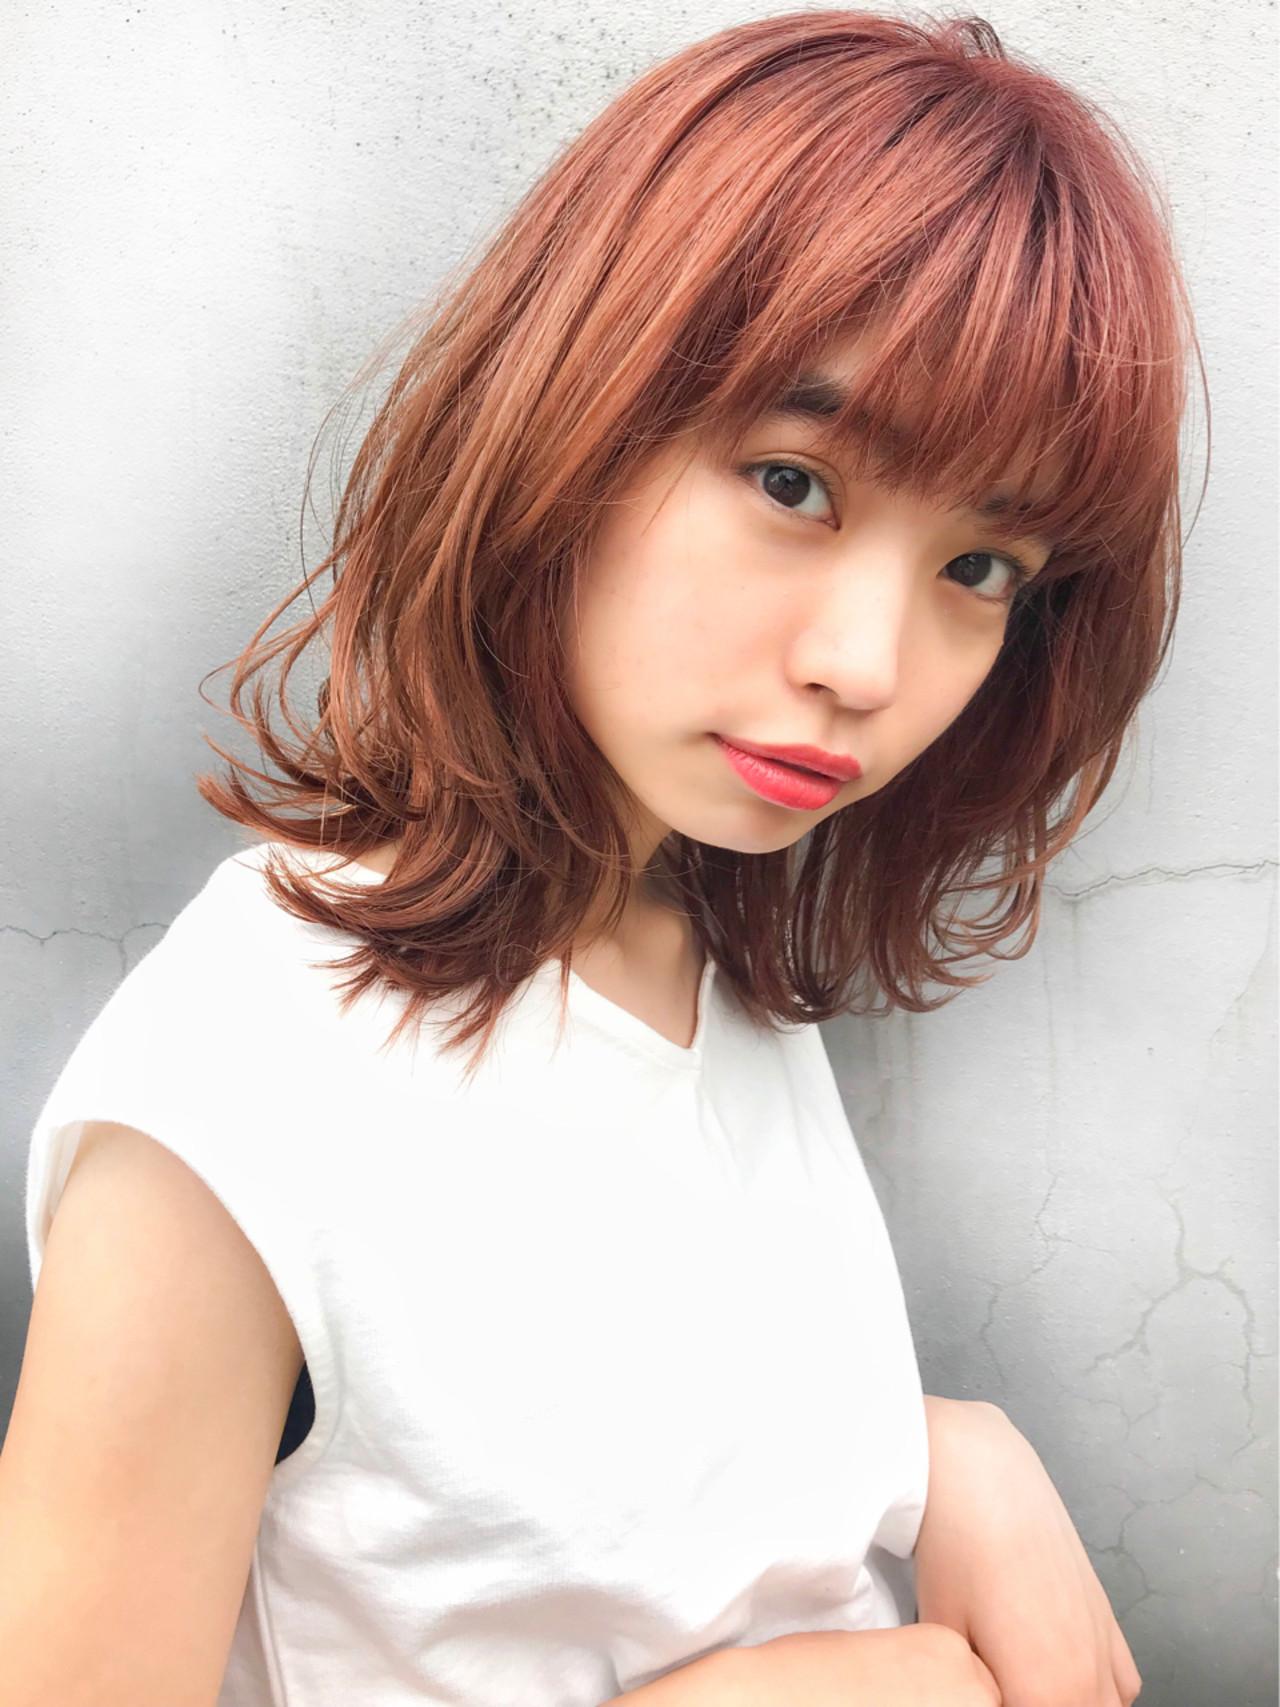 前髪あり ヘアアレンジ デート フェミニン ヘアスタイルや髪型の写真・画像 | 【星野 達】 Joule South / Joule South